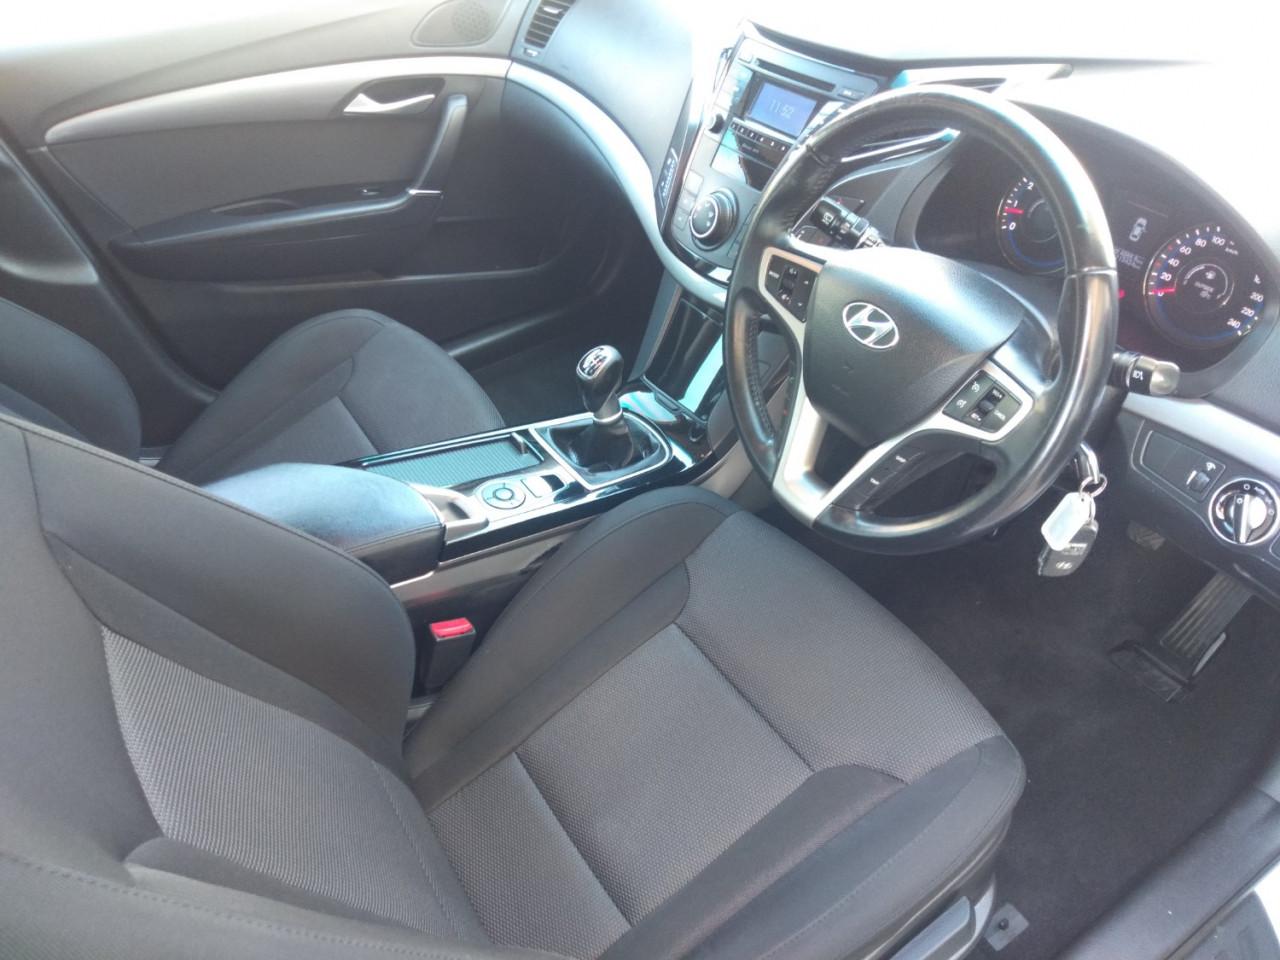 2013 Hyundai I40 VF2 ACTIVE Wagon Image 15